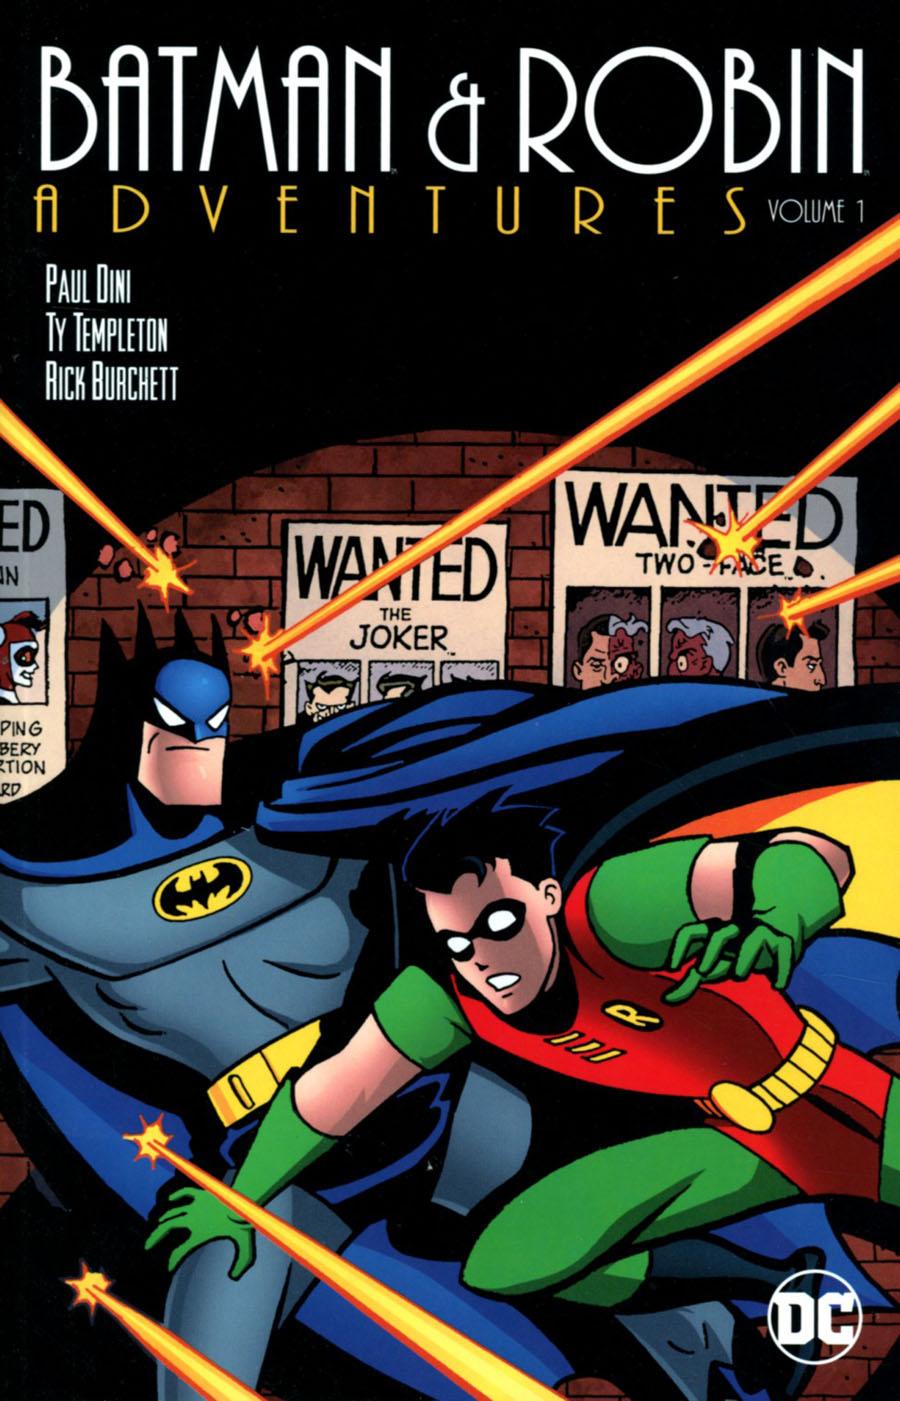 Batman And Robin Adventures Vol 1 TP